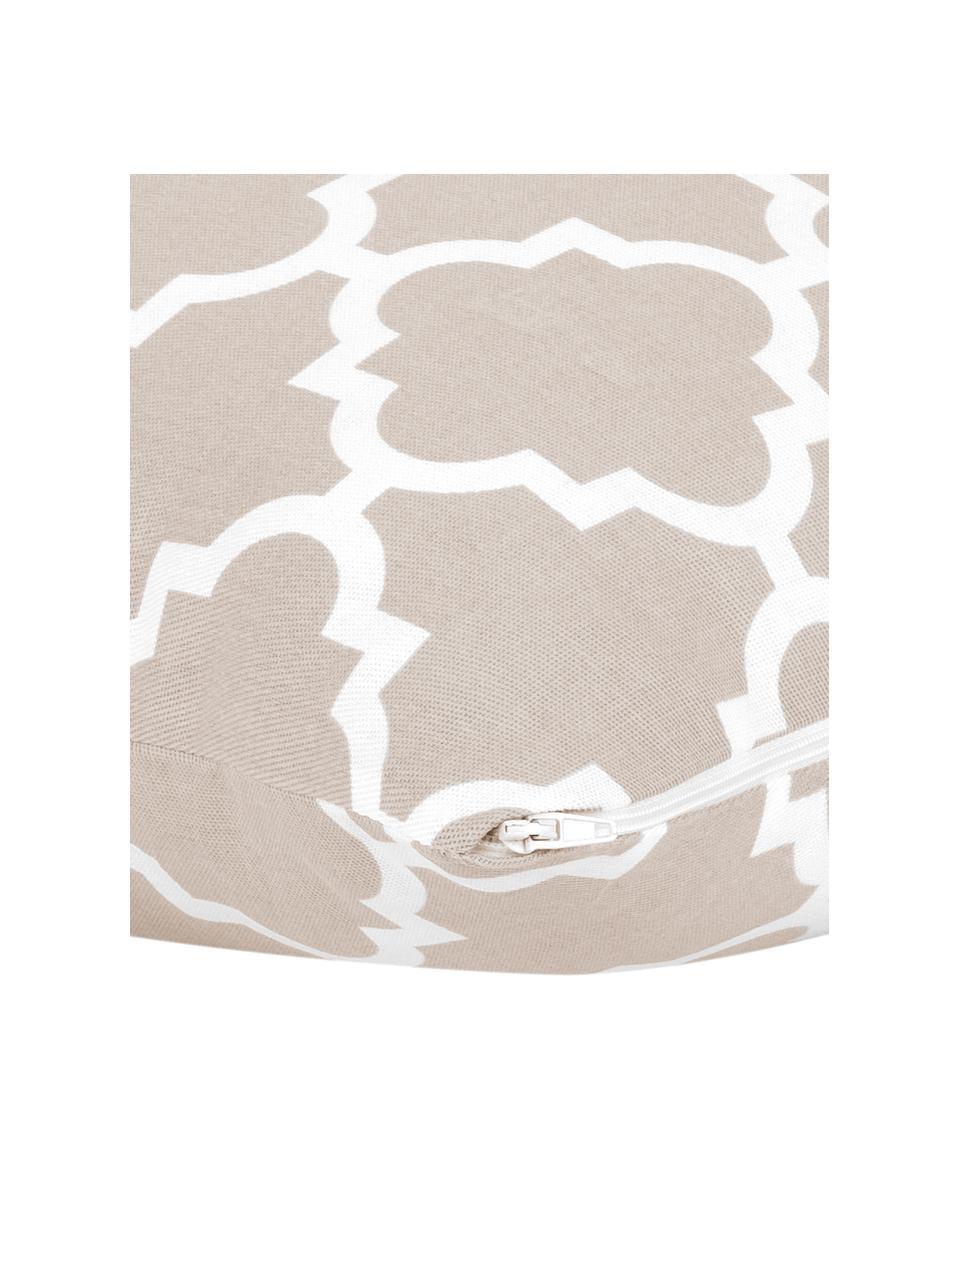 Kissenhülle Lana in Beige mit grafischem Muster, 100% Baumwolle, Beige, Weiß, 45 x 45 cm